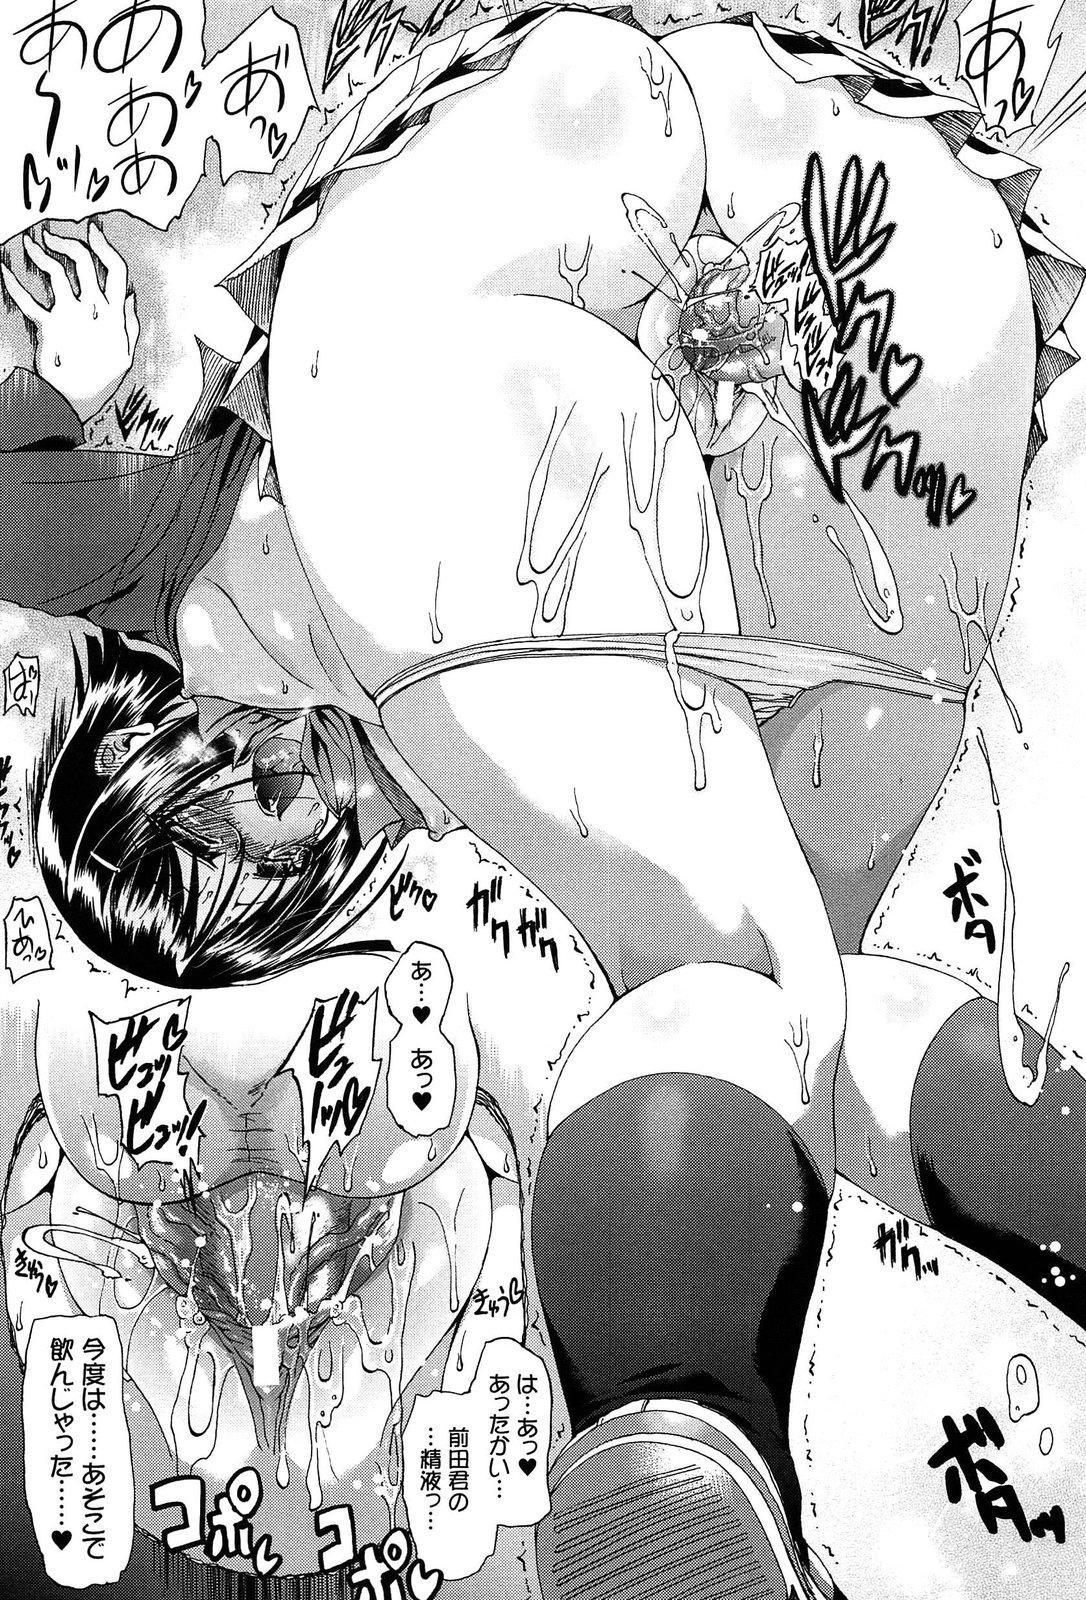 Eroge o Tsukurou! Genteiban - Let's develop the adult game together 160